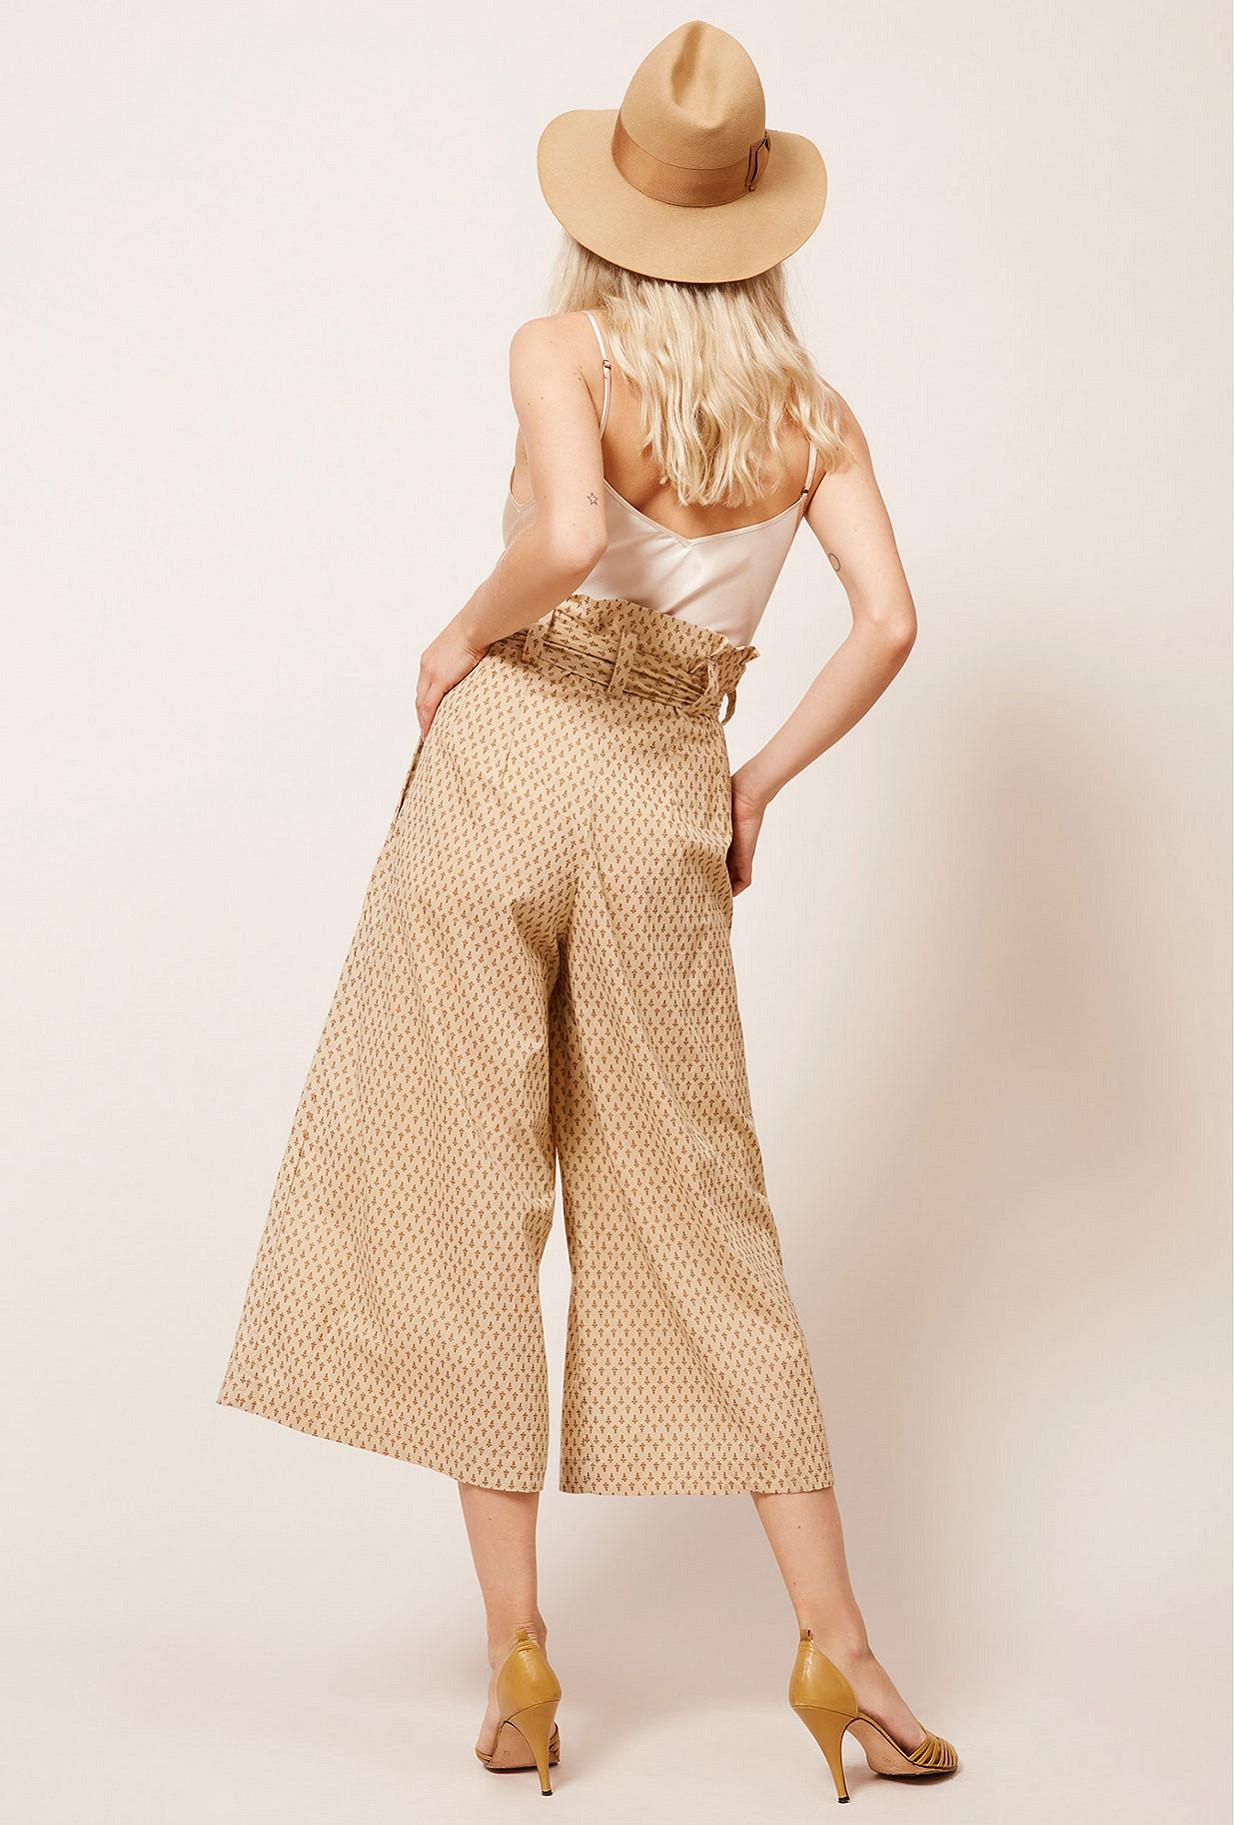 Paris boutique de mode vêtement Pantalon créateur bohème  Chatelain